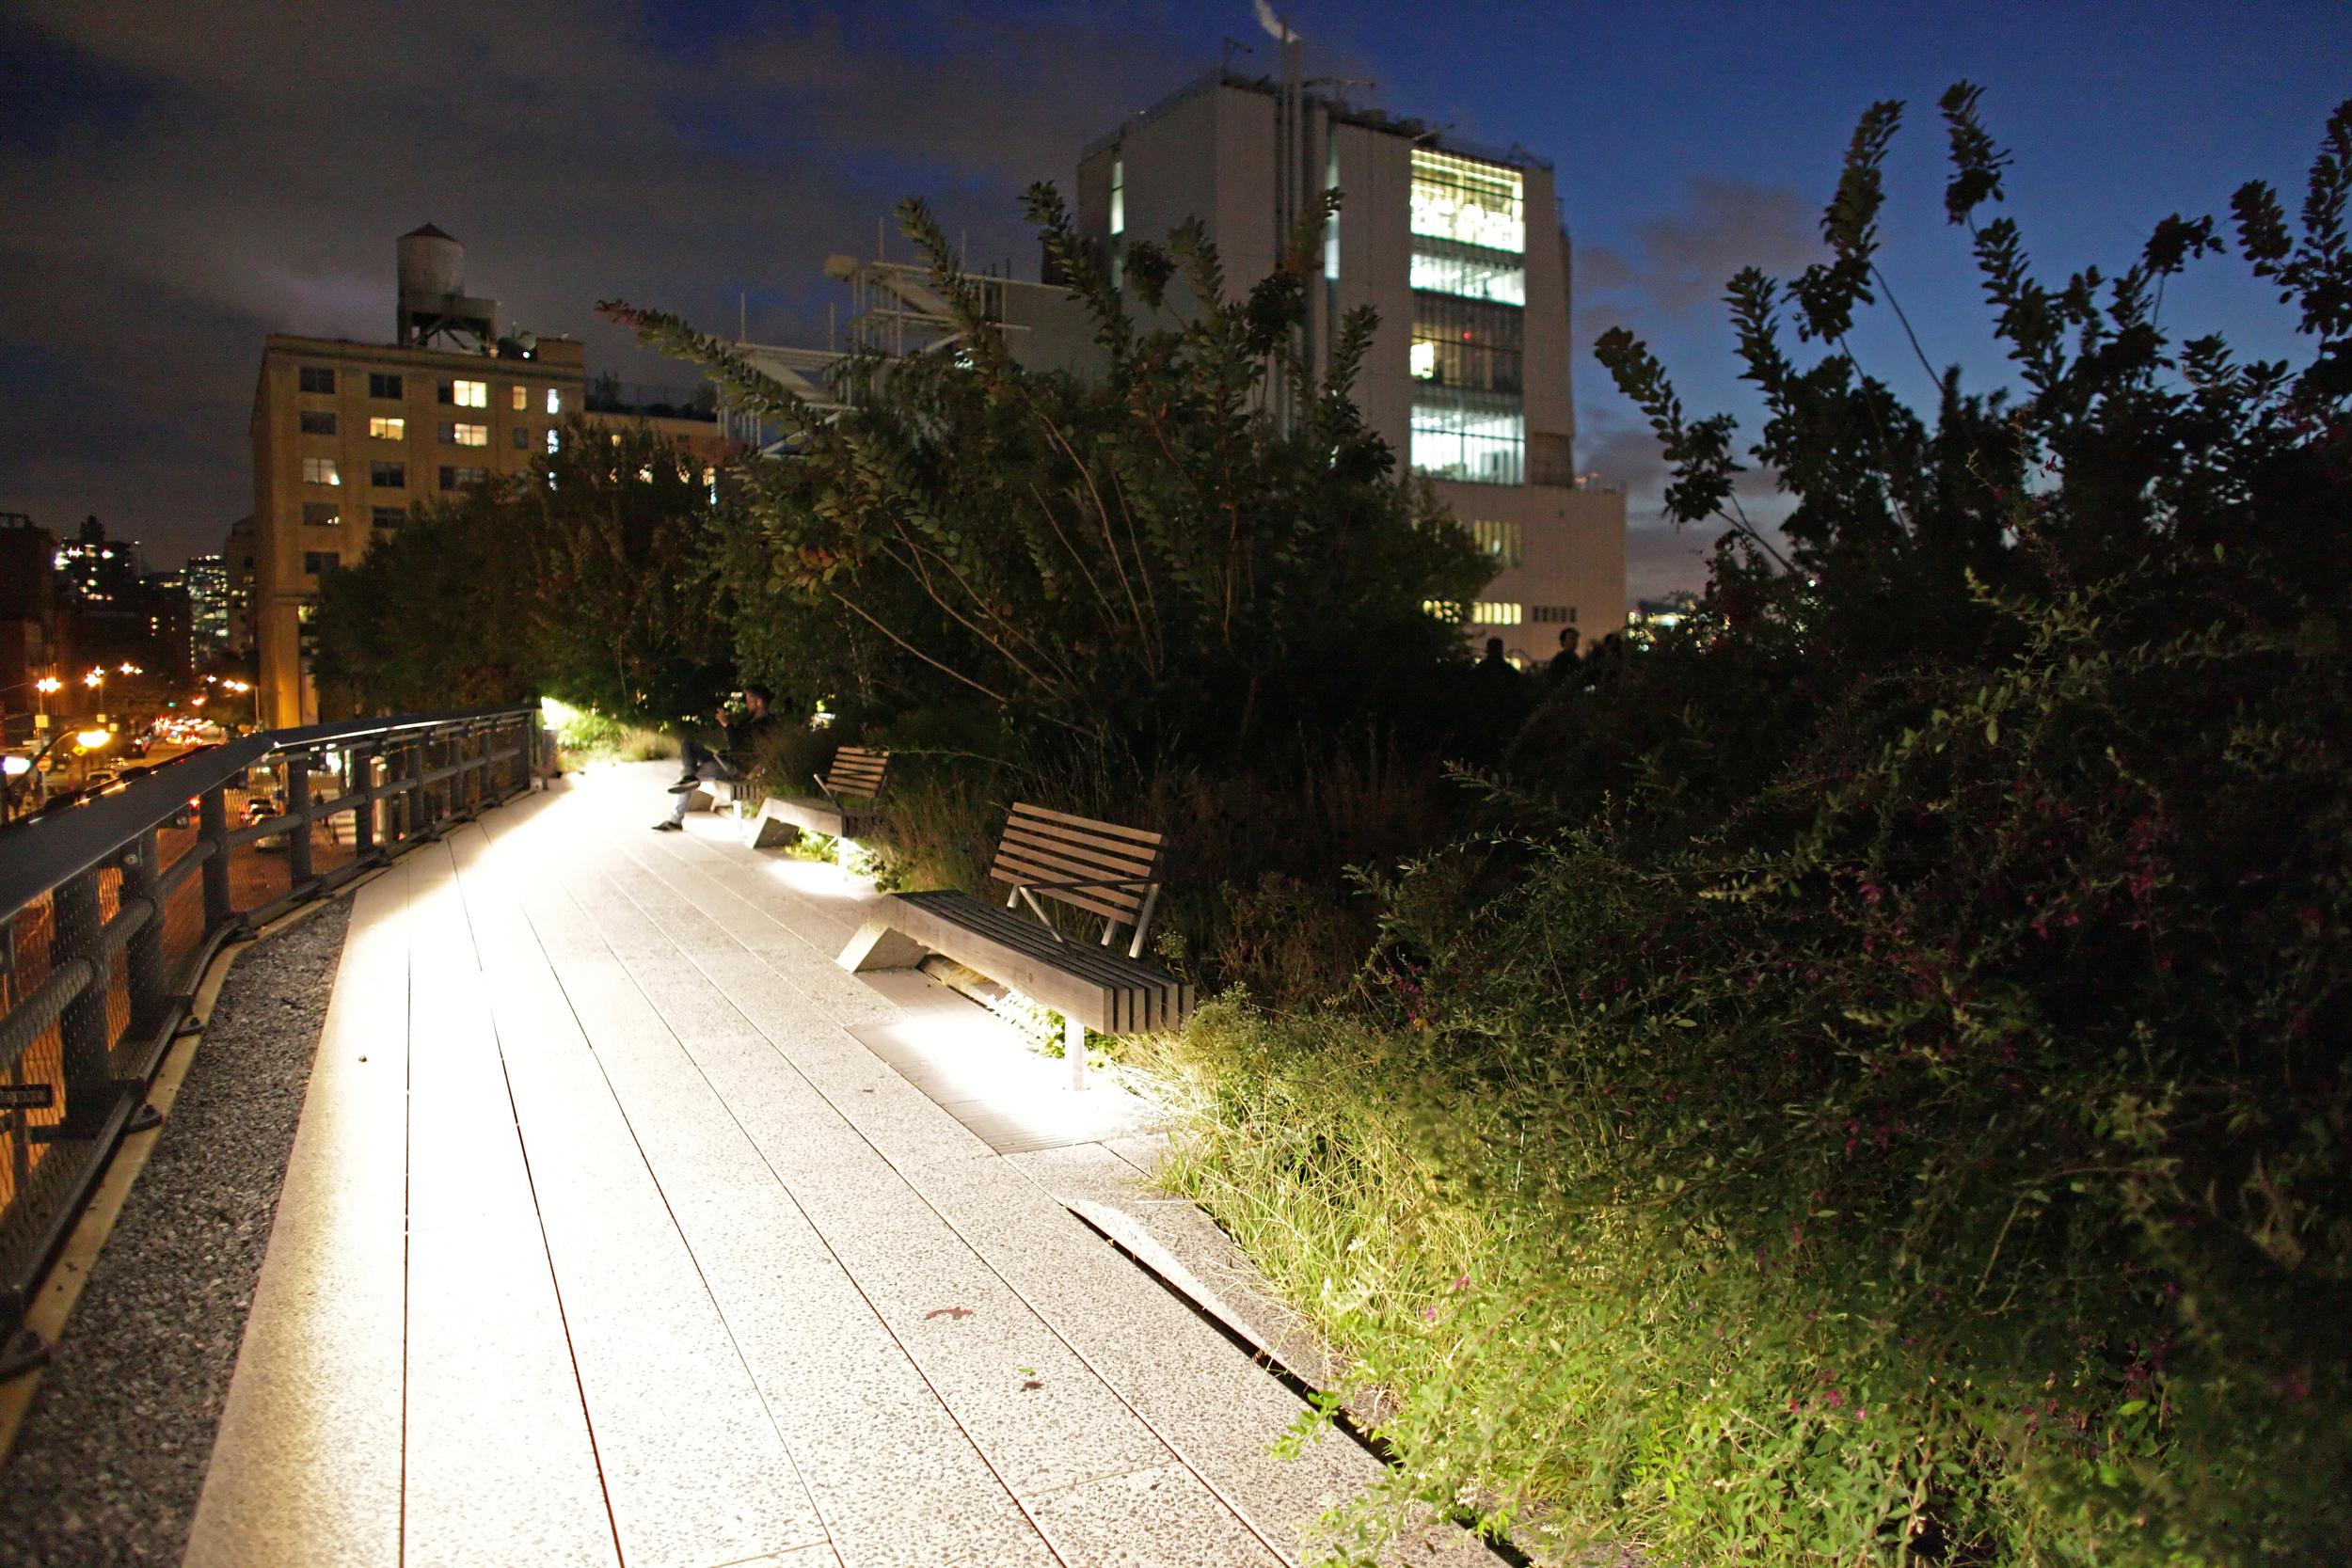 walking-above-light-high-line-lighting-tour_15582988925_o.jpg